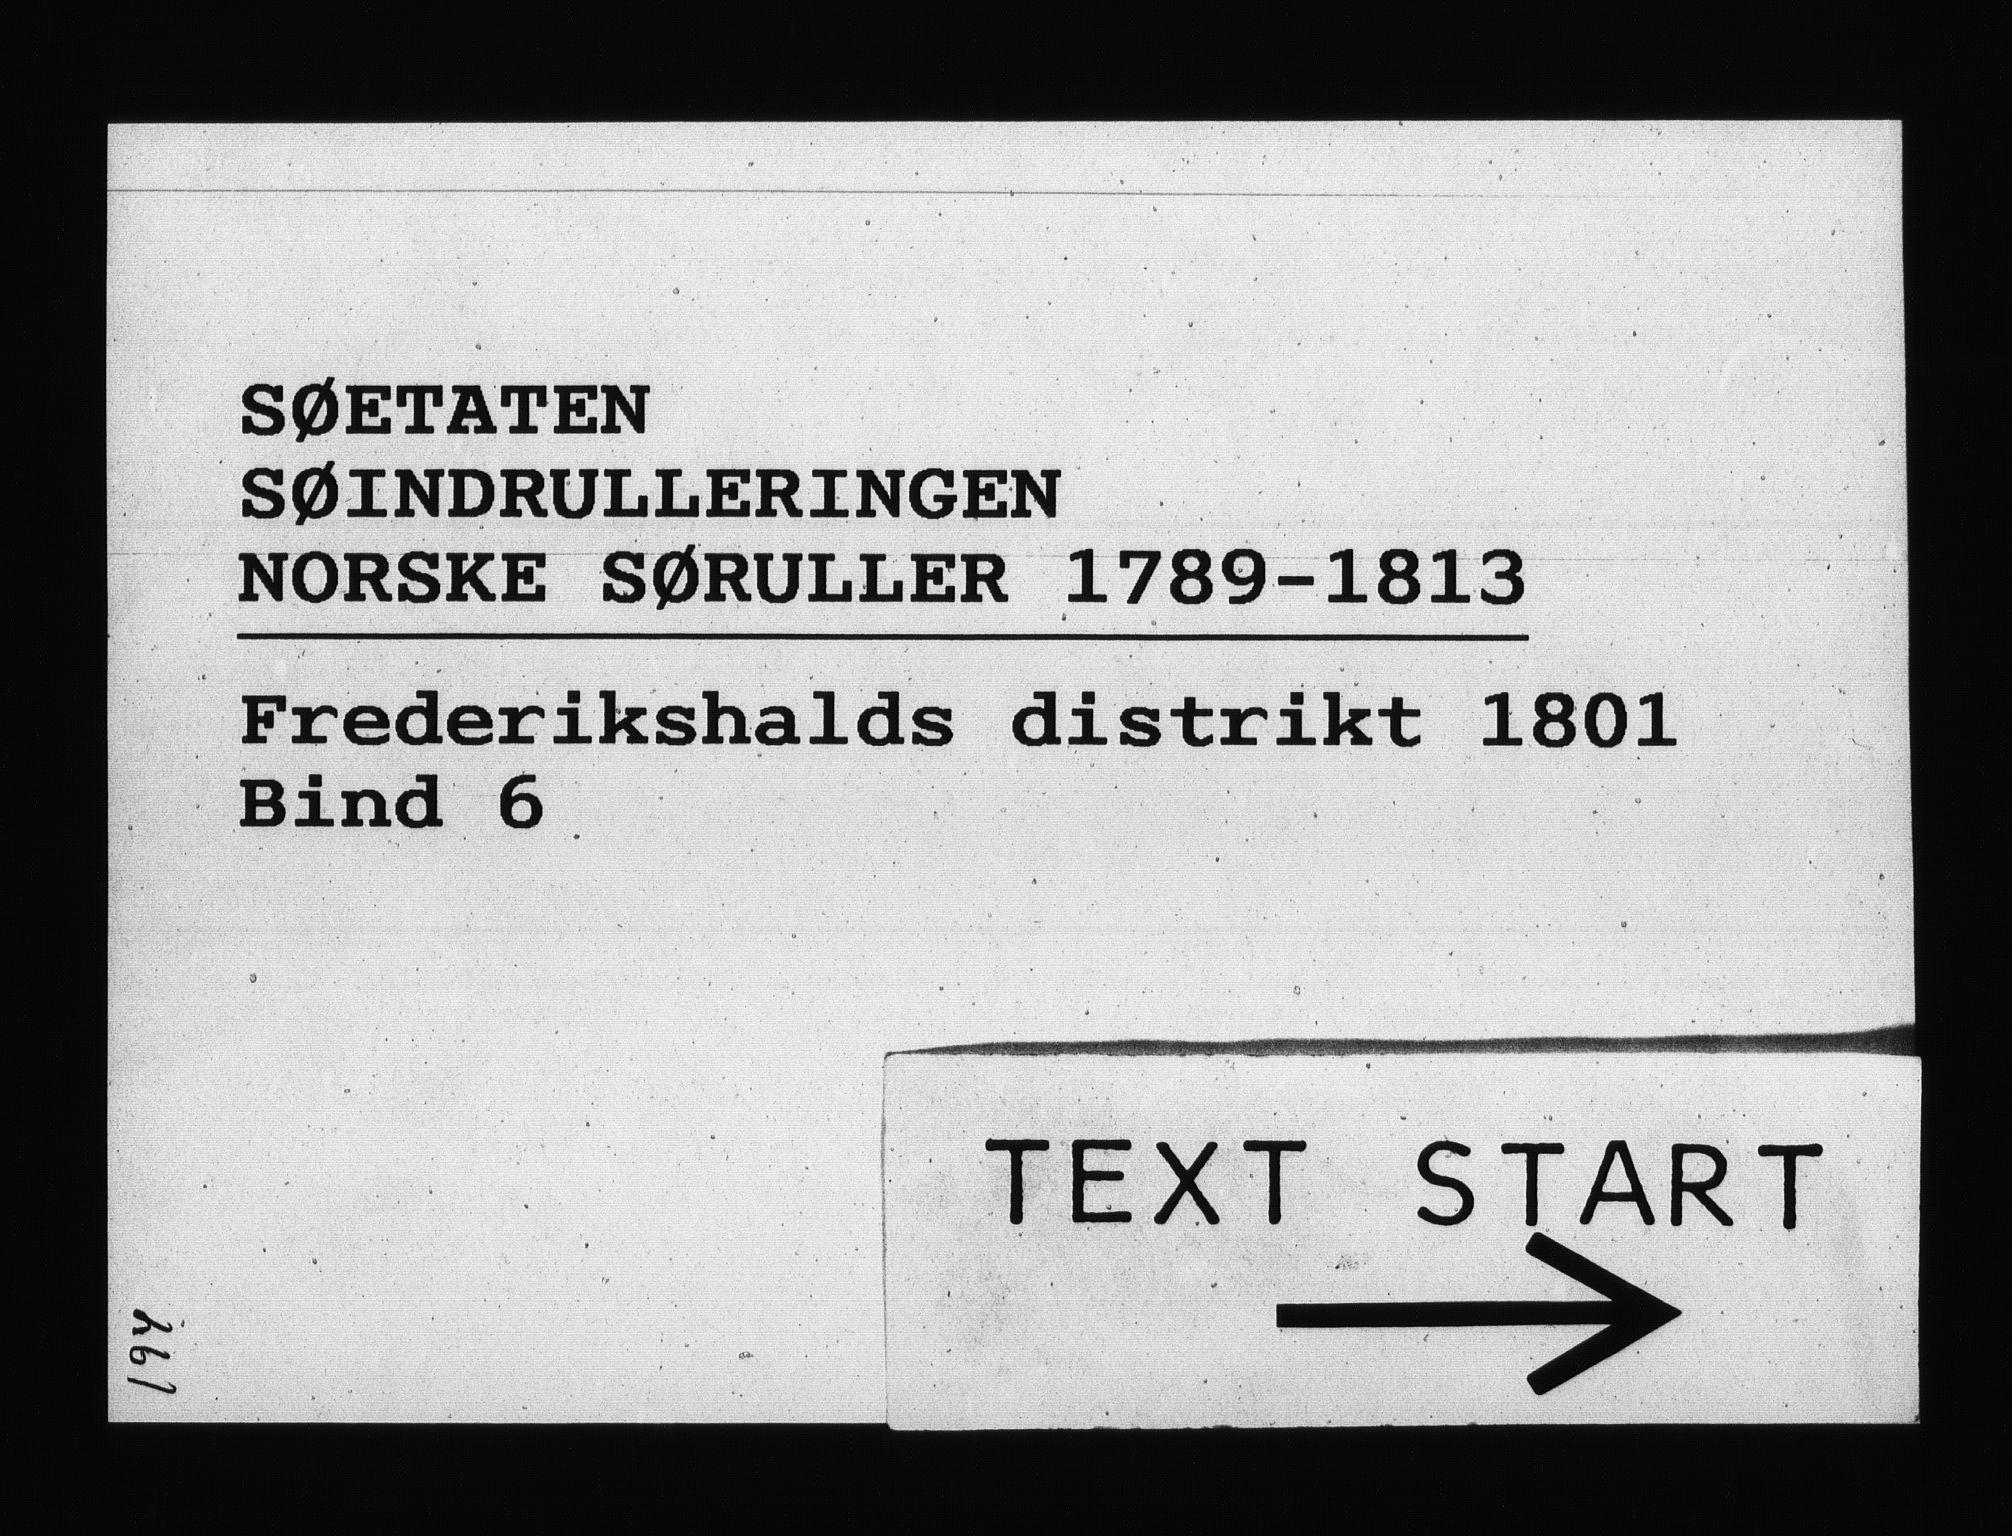 RA, Sjøetaten, F/L0195: Fredrikshalds distrikt, bind 6, 1801